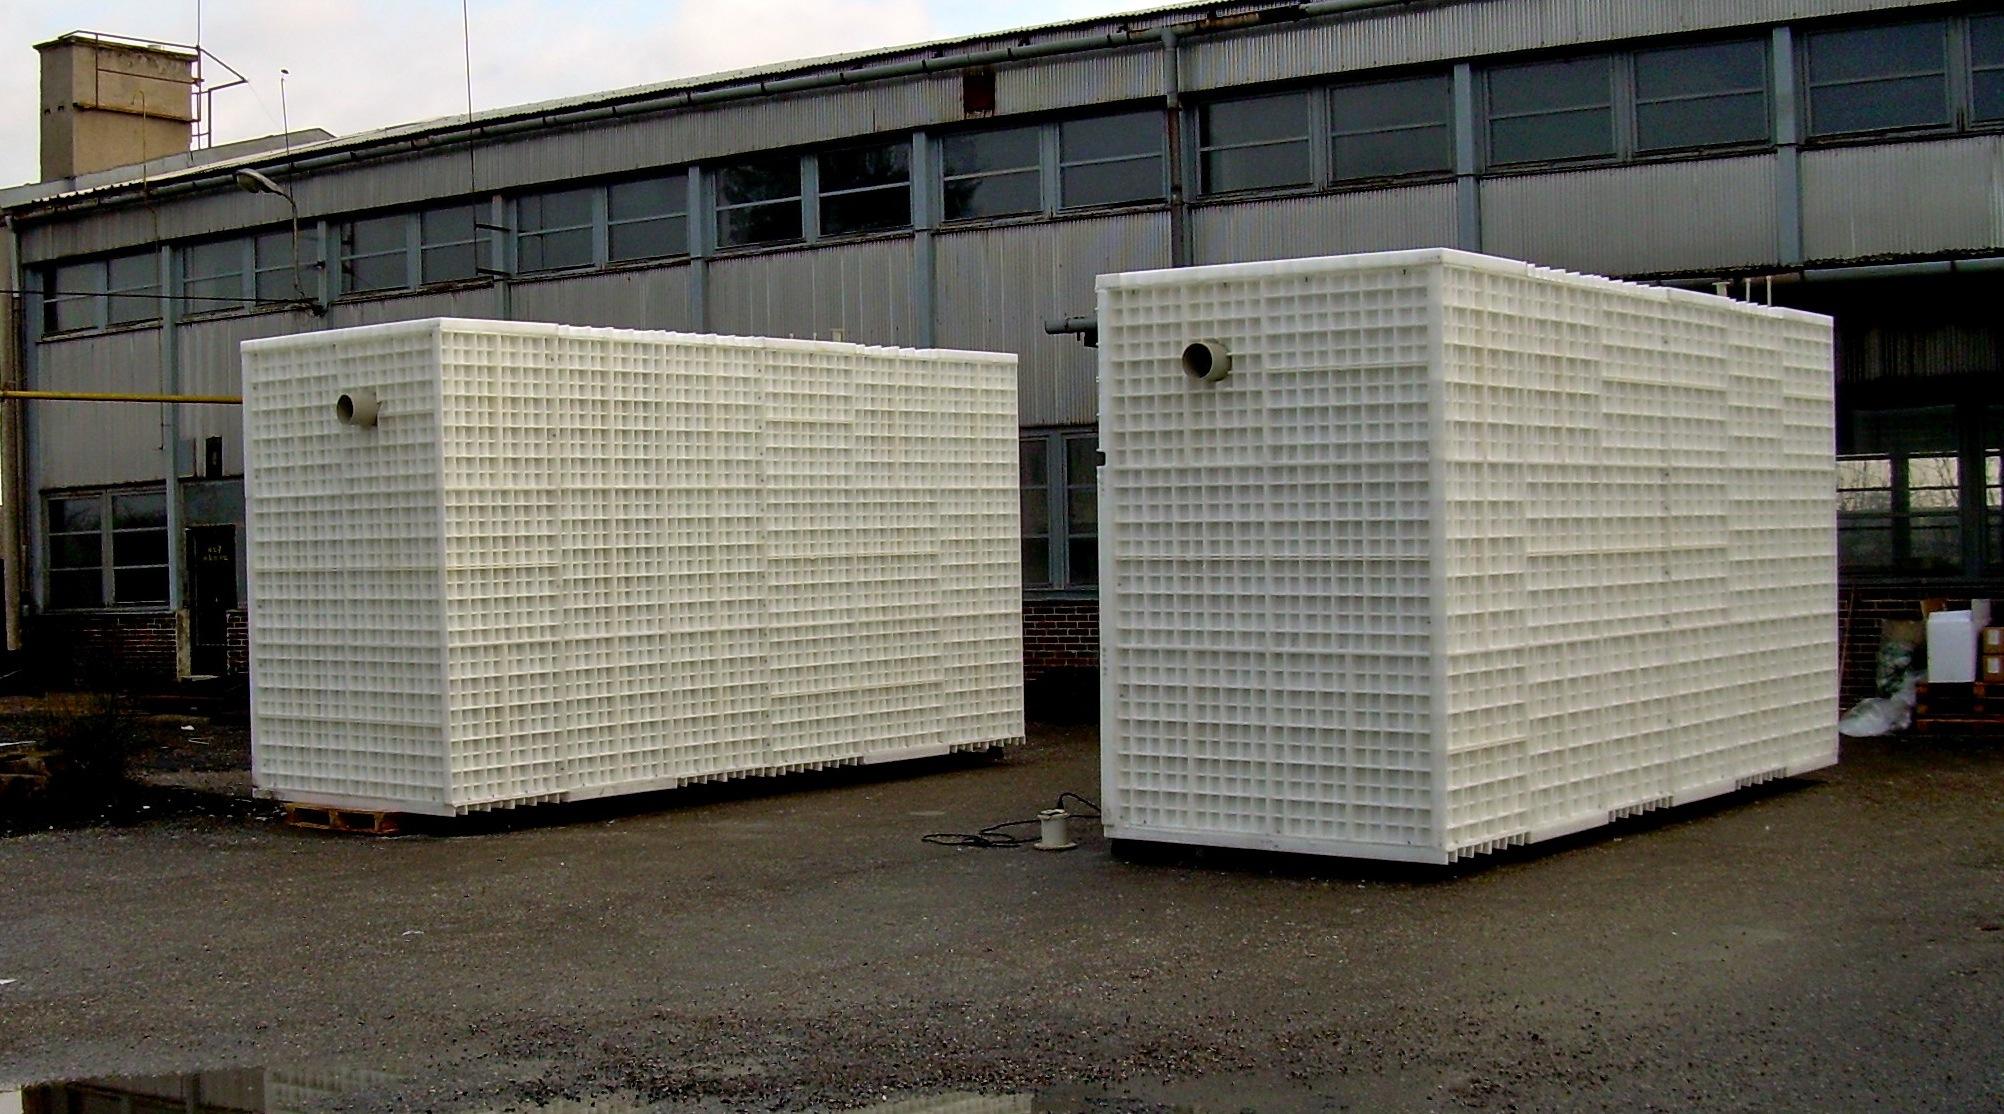 Výroba plastových nádrží na zakázku - jímky, žumpy, septiky